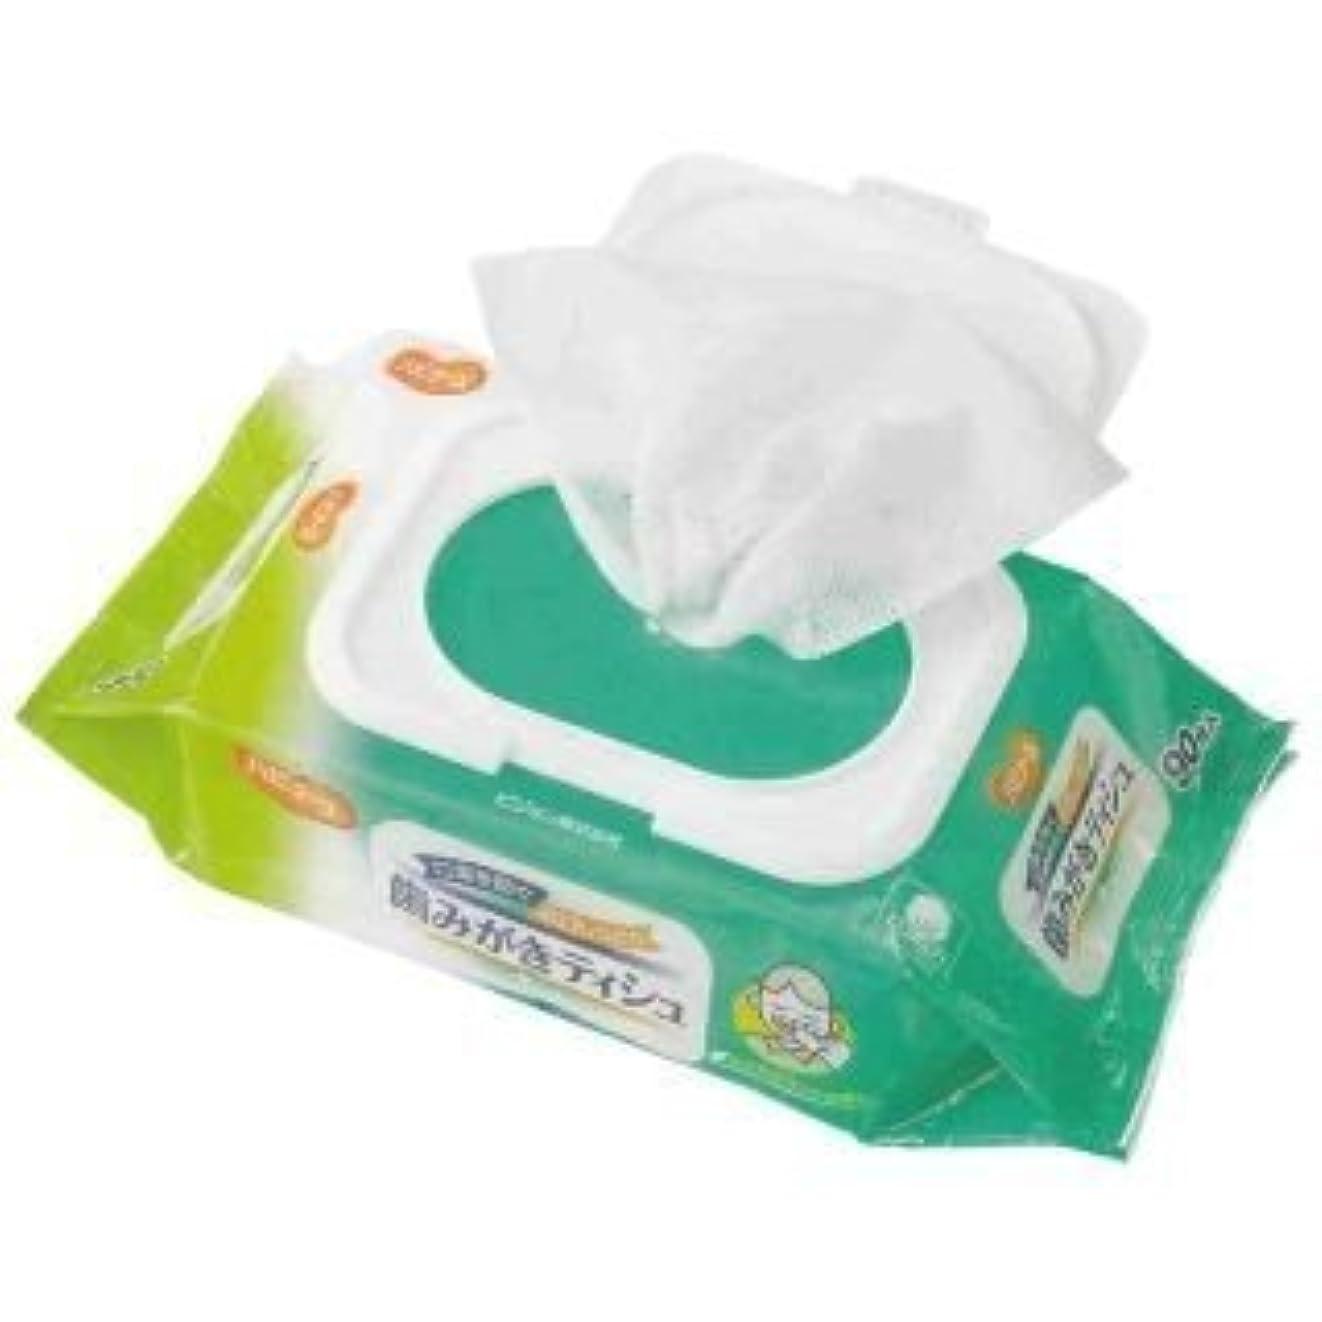 とは異なり古い大きい口臭を防ぐ&お口しっとり!ふきとりやすいコットンメッシュシート!お口が乾燥して、お口の臭いが気になるときに!歯みがきティシュ 90枚入